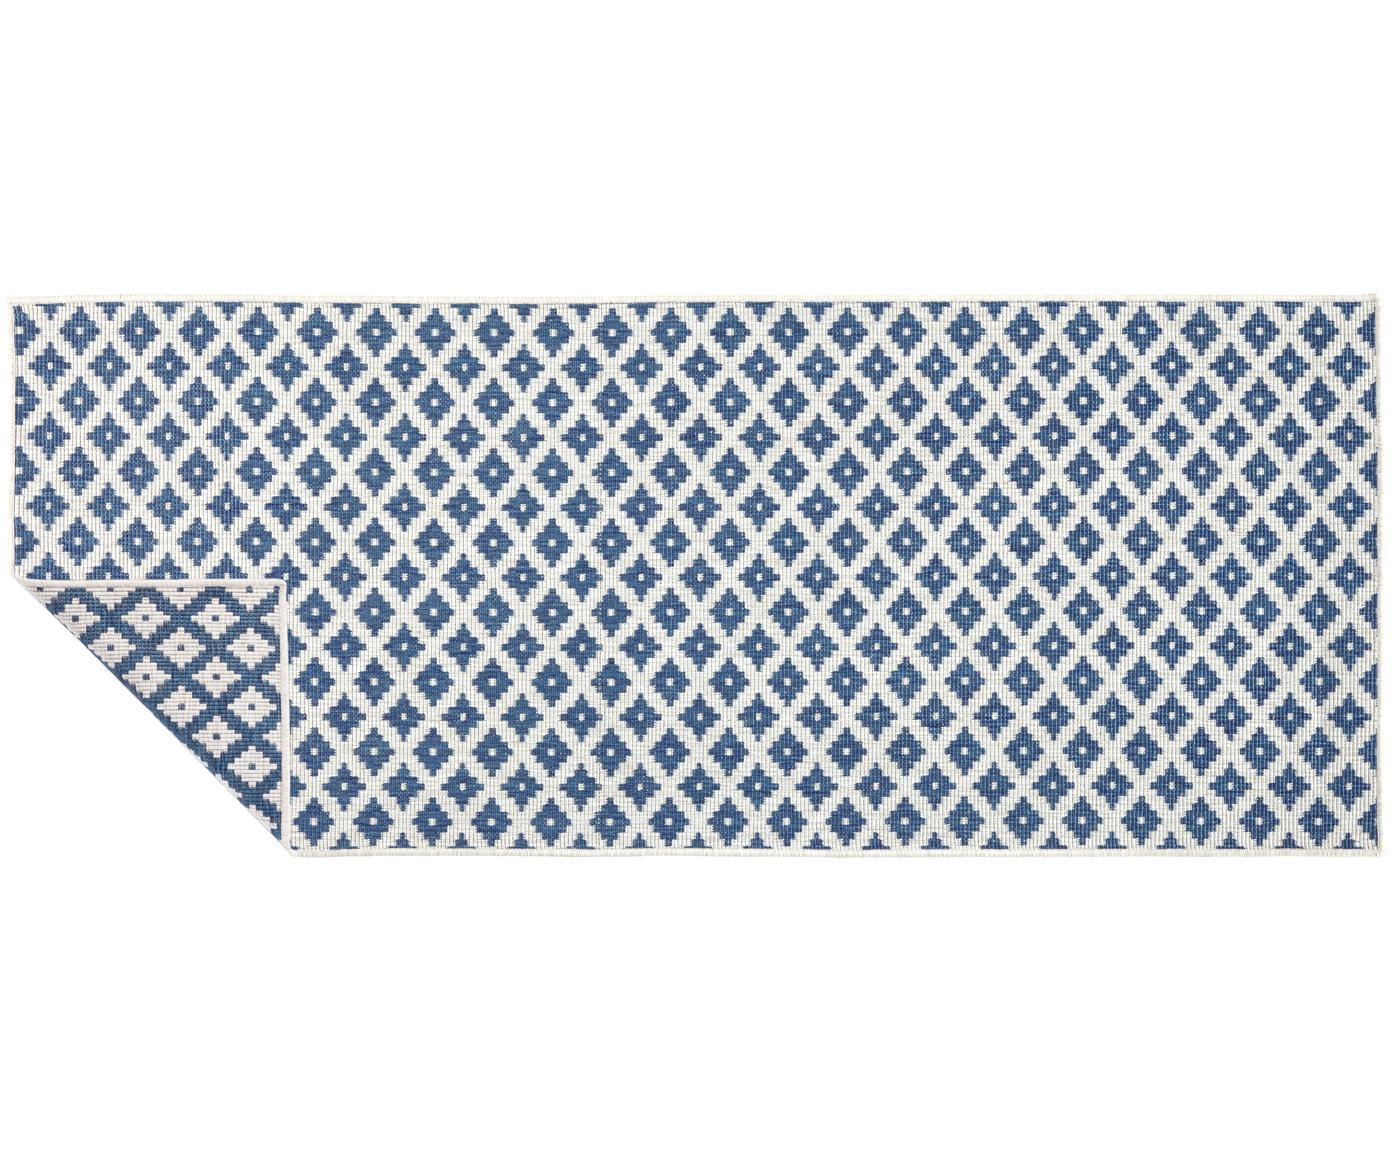 Dubbelzijdige in- & outdoor loper Nizza, Blauw, crèmekleurig, 80 x 250 cm